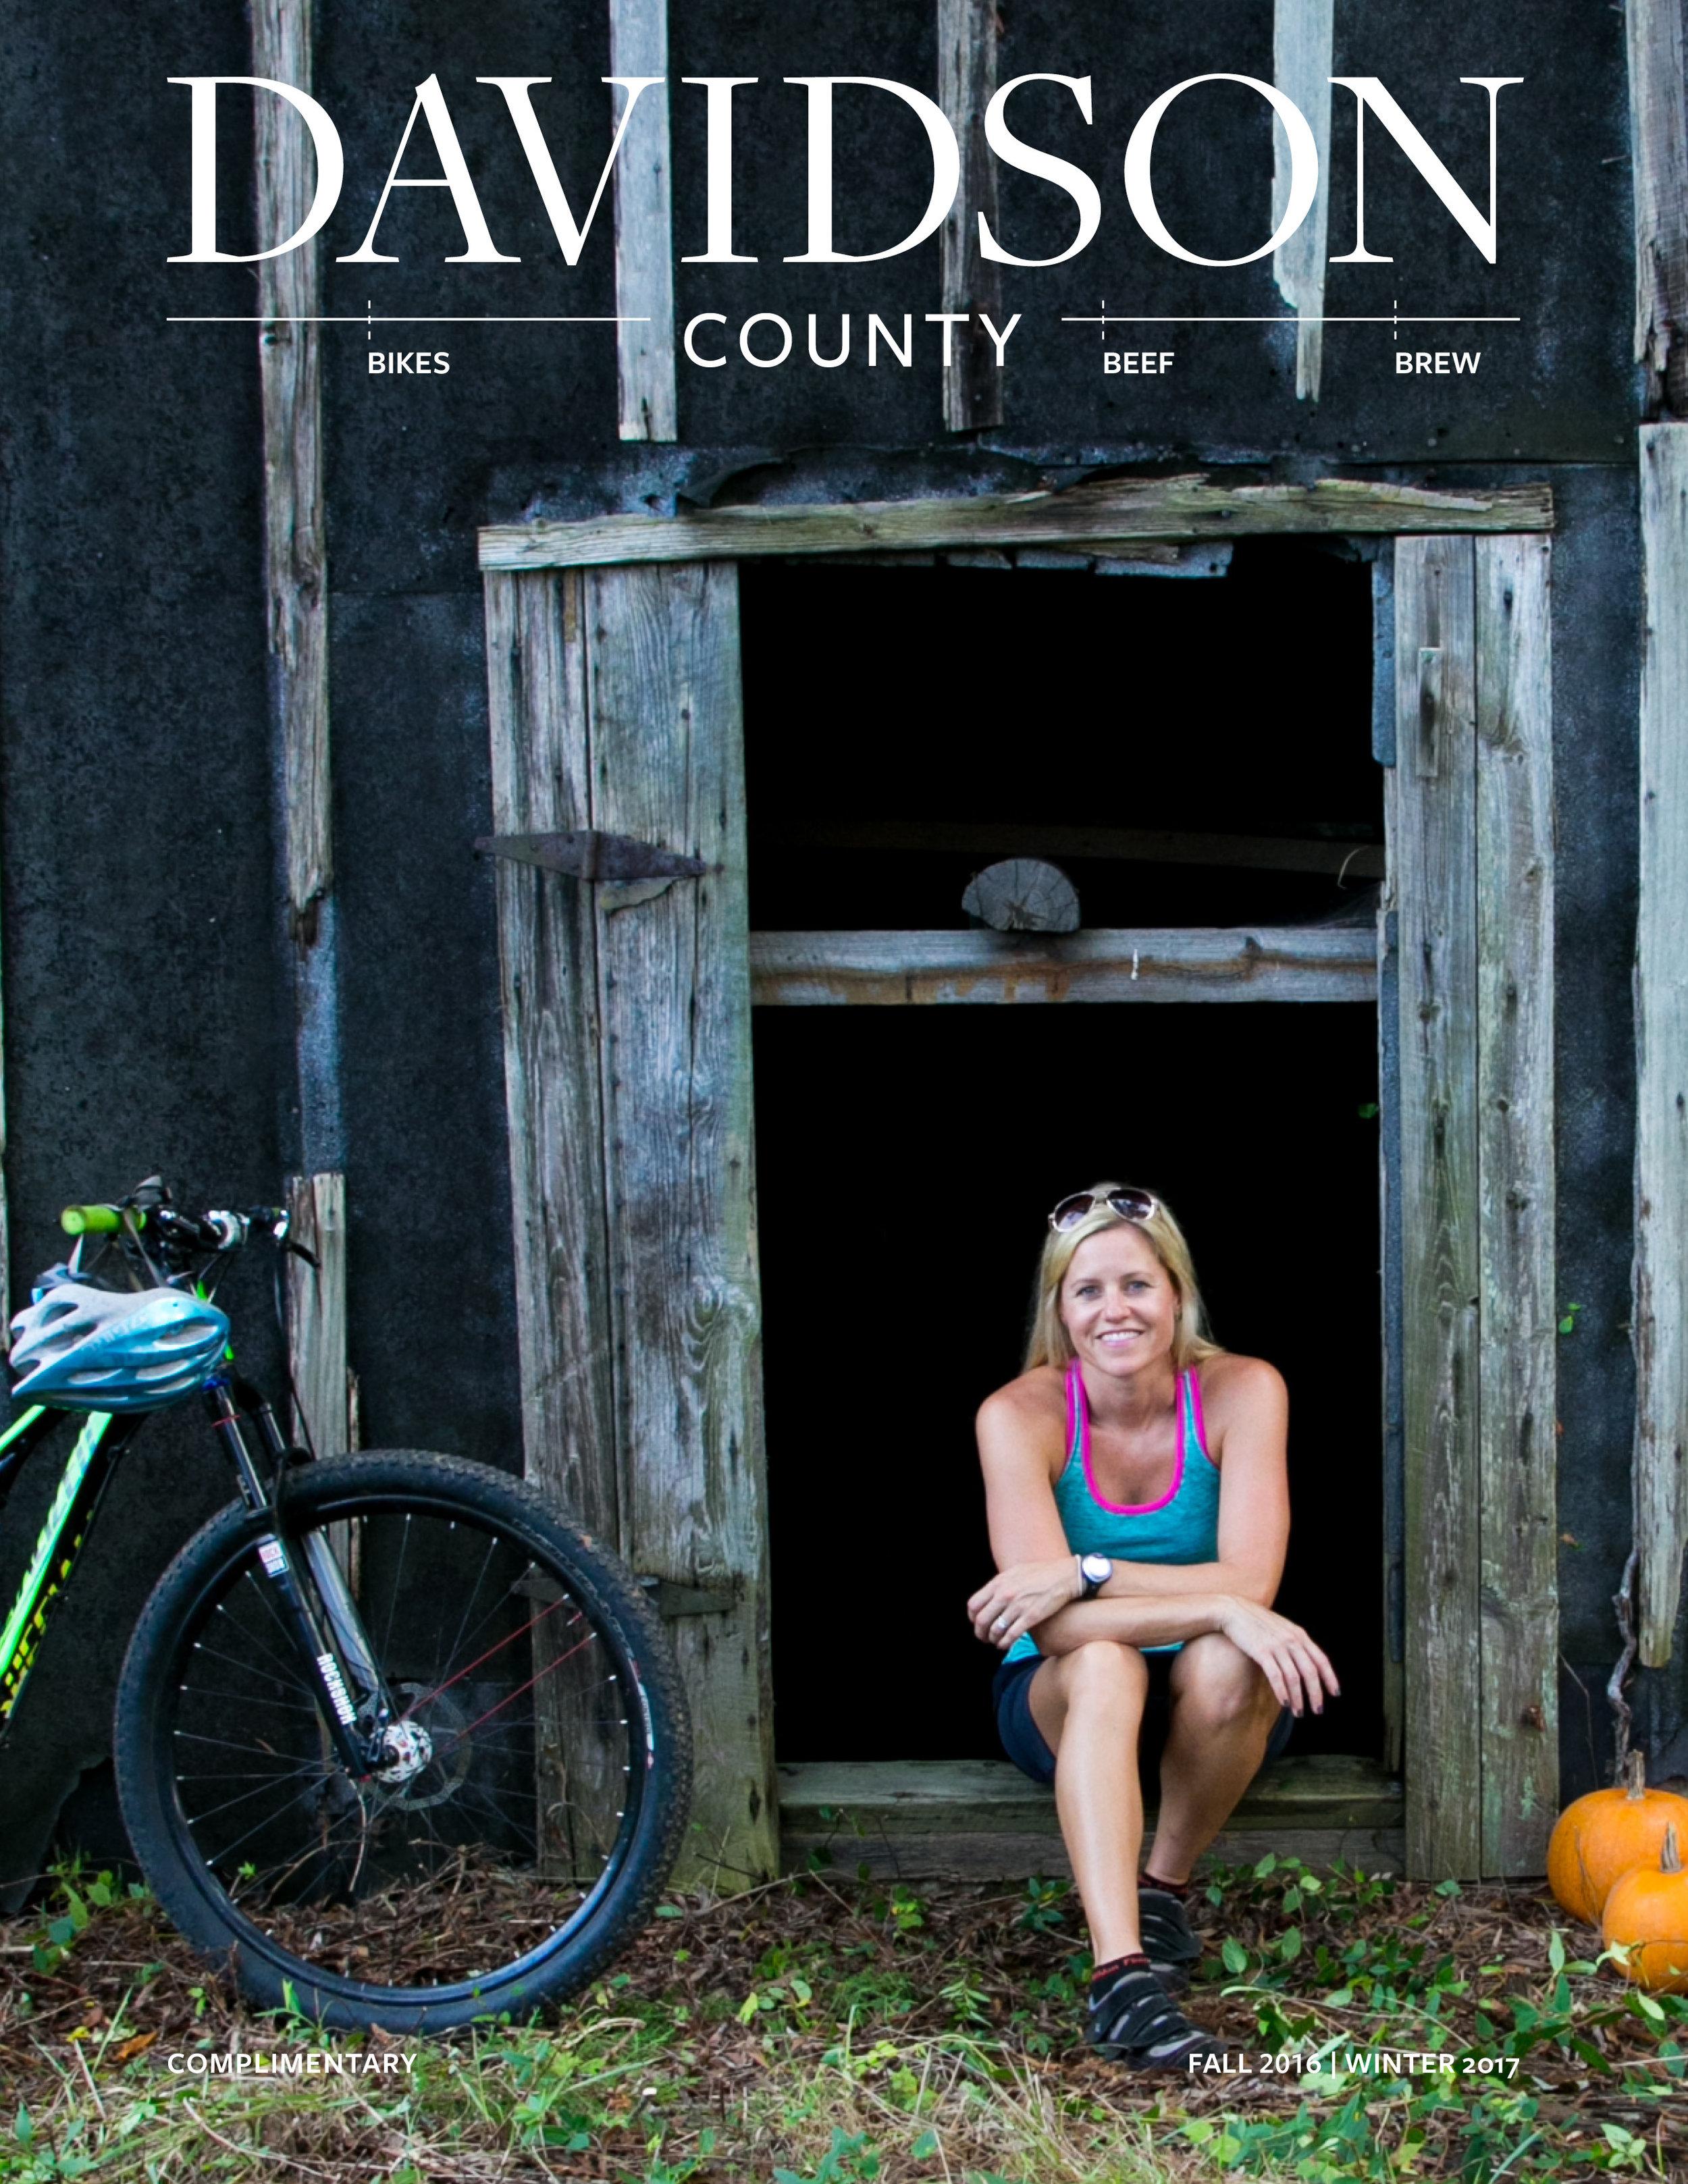 Davidson County Magazine Fall 2016